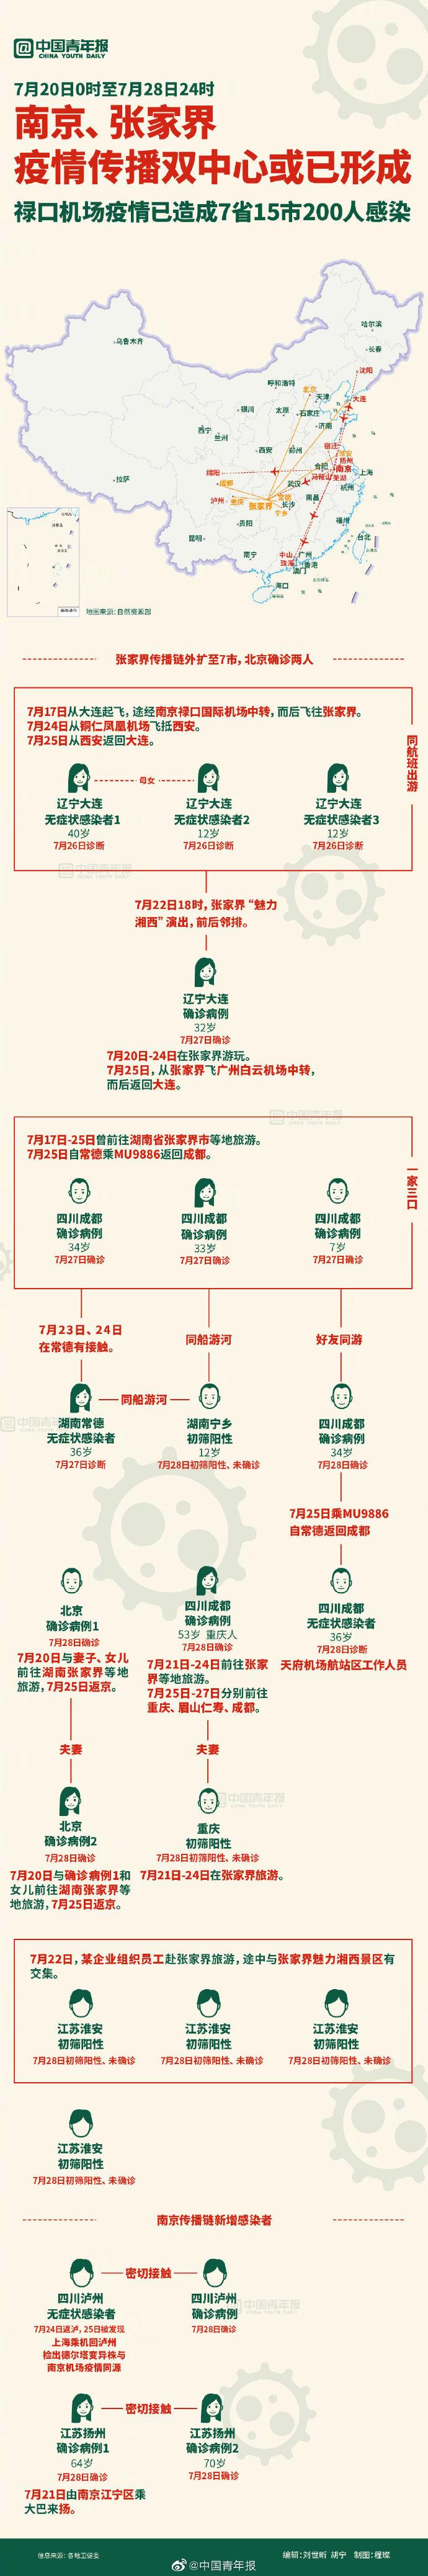 一图|感染链再延长,或已形成南京、张家界疫情传播双中心